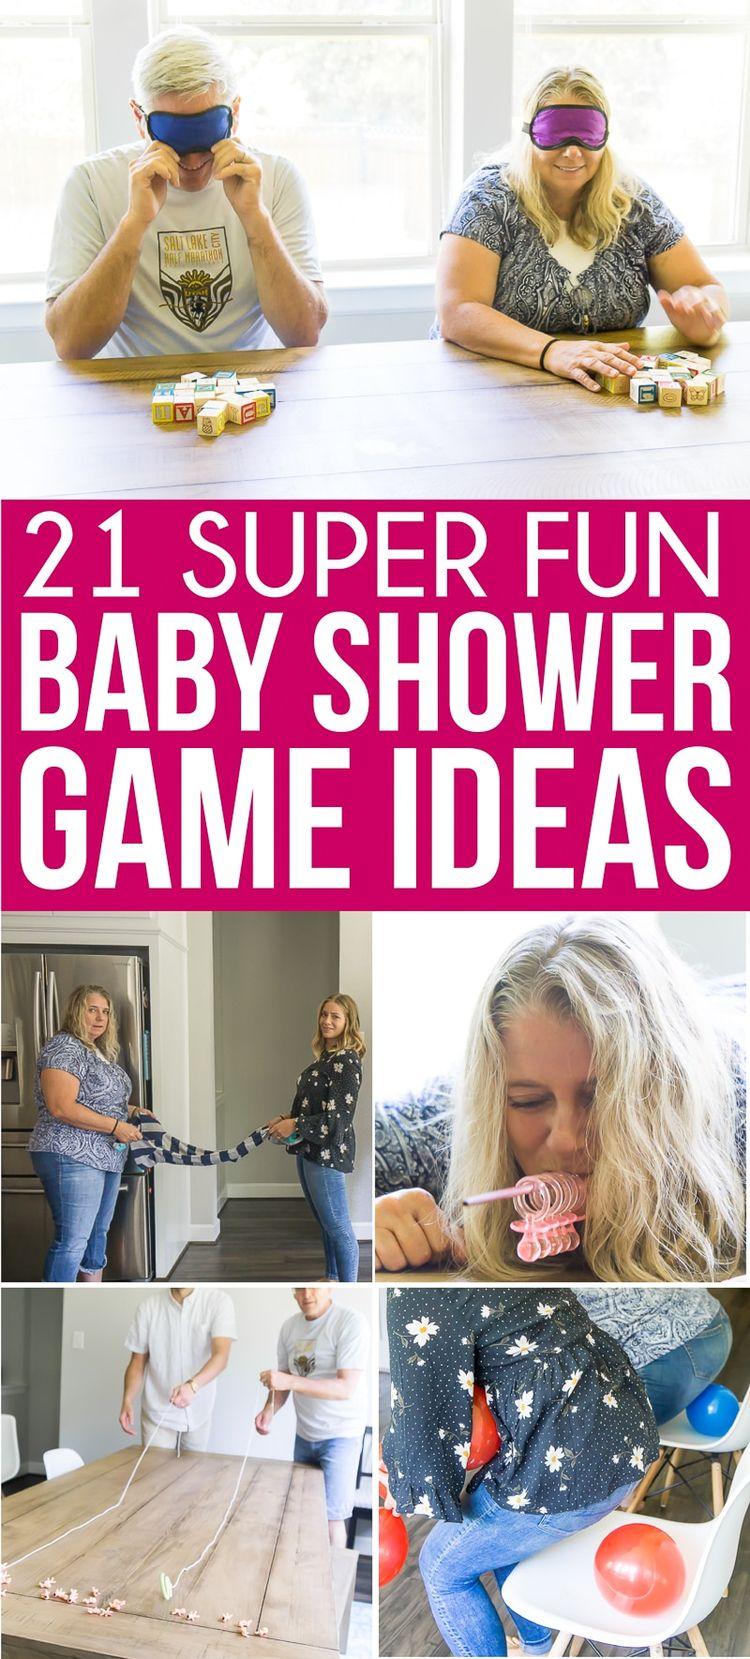 Los Mejores Juegos De Baby Shower Montones De Ideas Gen